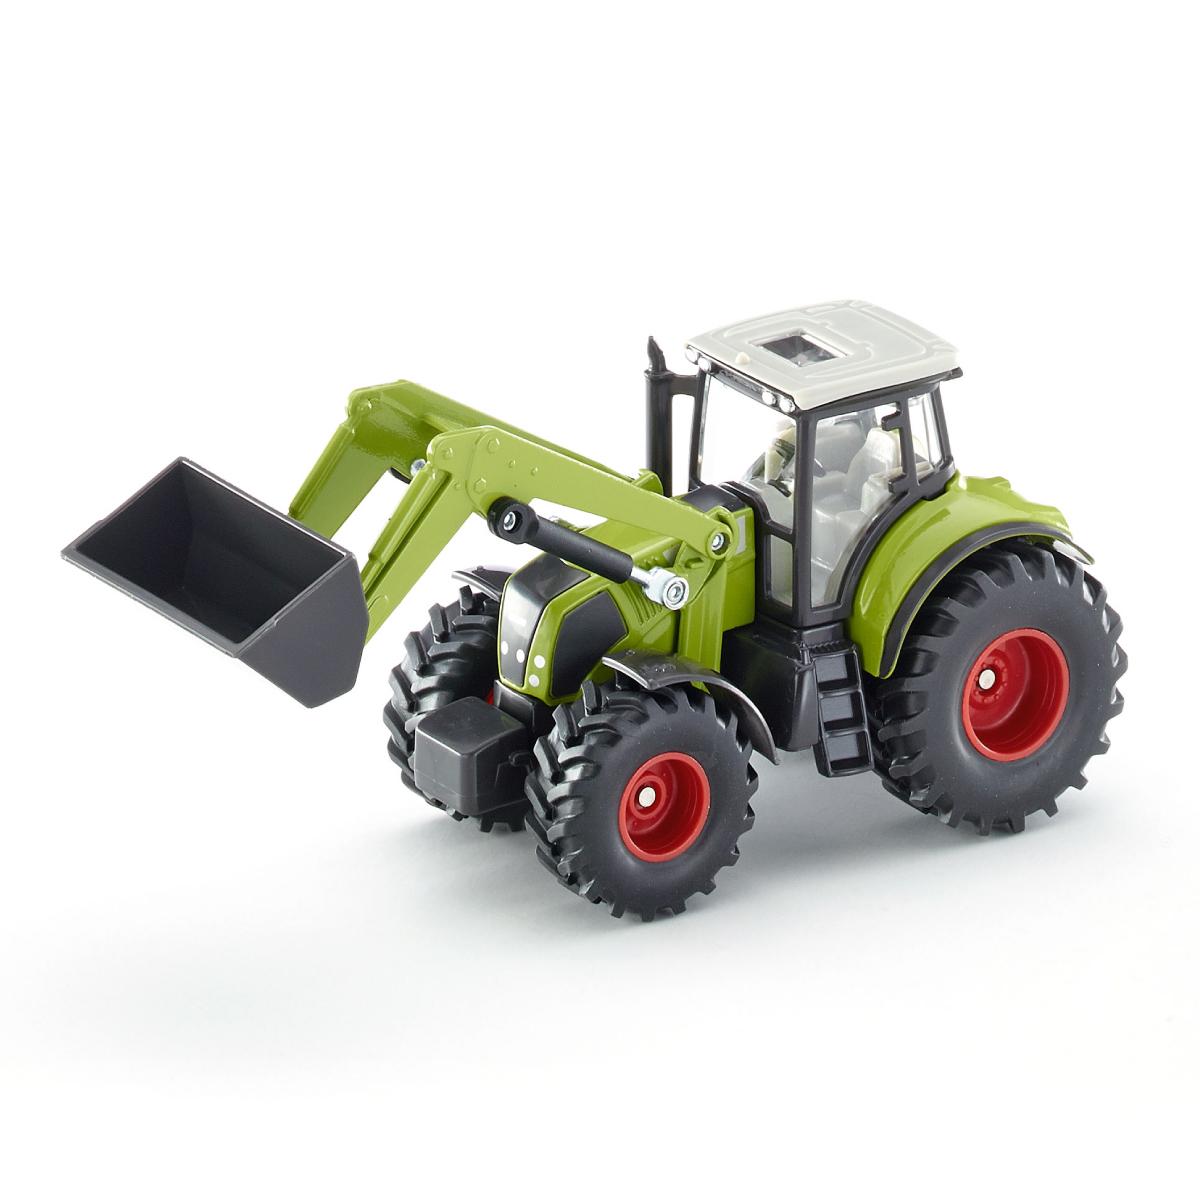 Claas フロントローダー付き トラクター 1:50(ジク・SIKU)